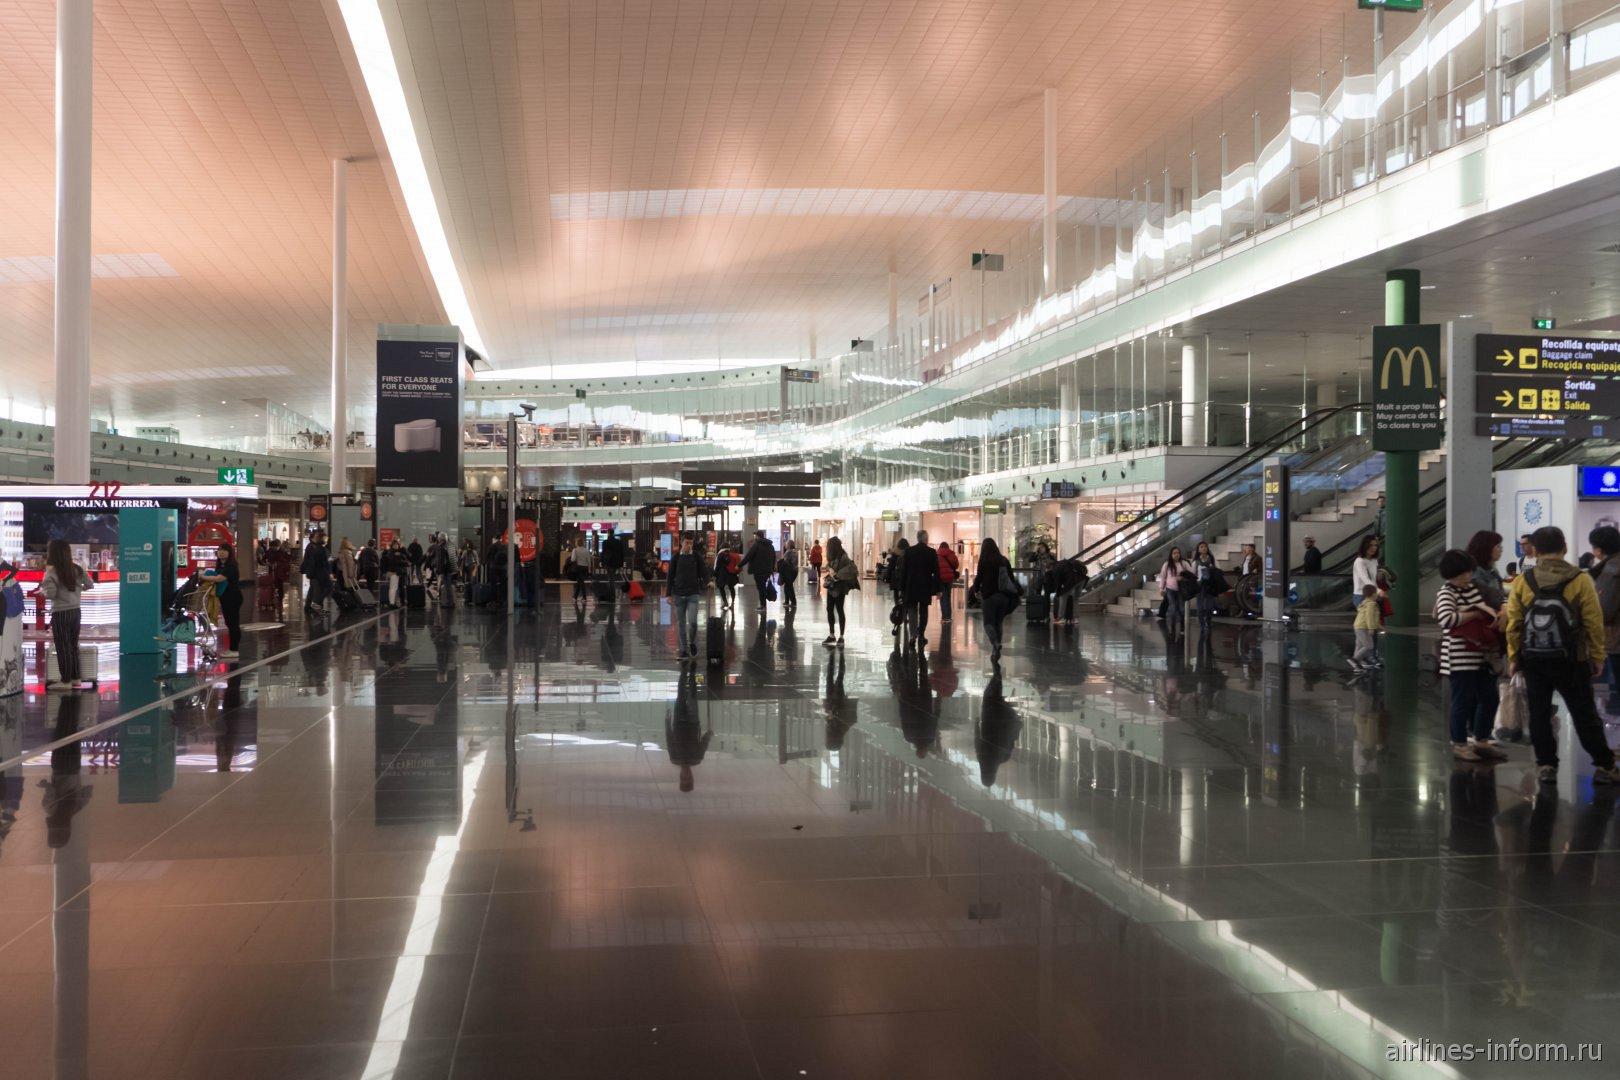 В чистой зоне терминала T1 аэропорта Барселона Эль-Прат